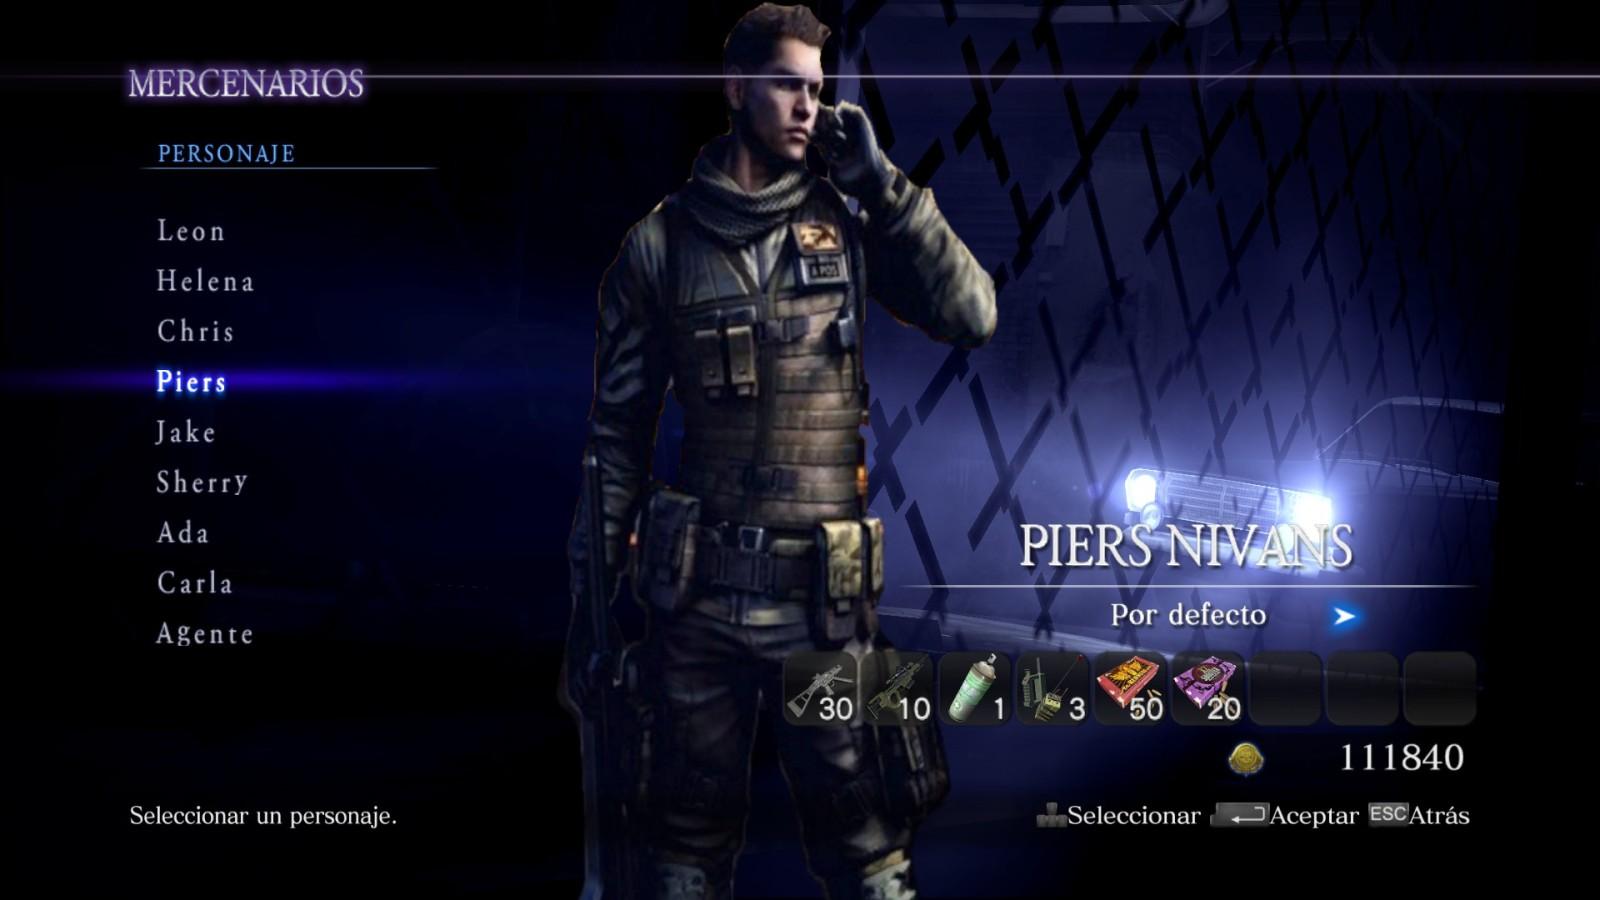 Nuevas imágenes para los personajes (mercenarios) 2daki05